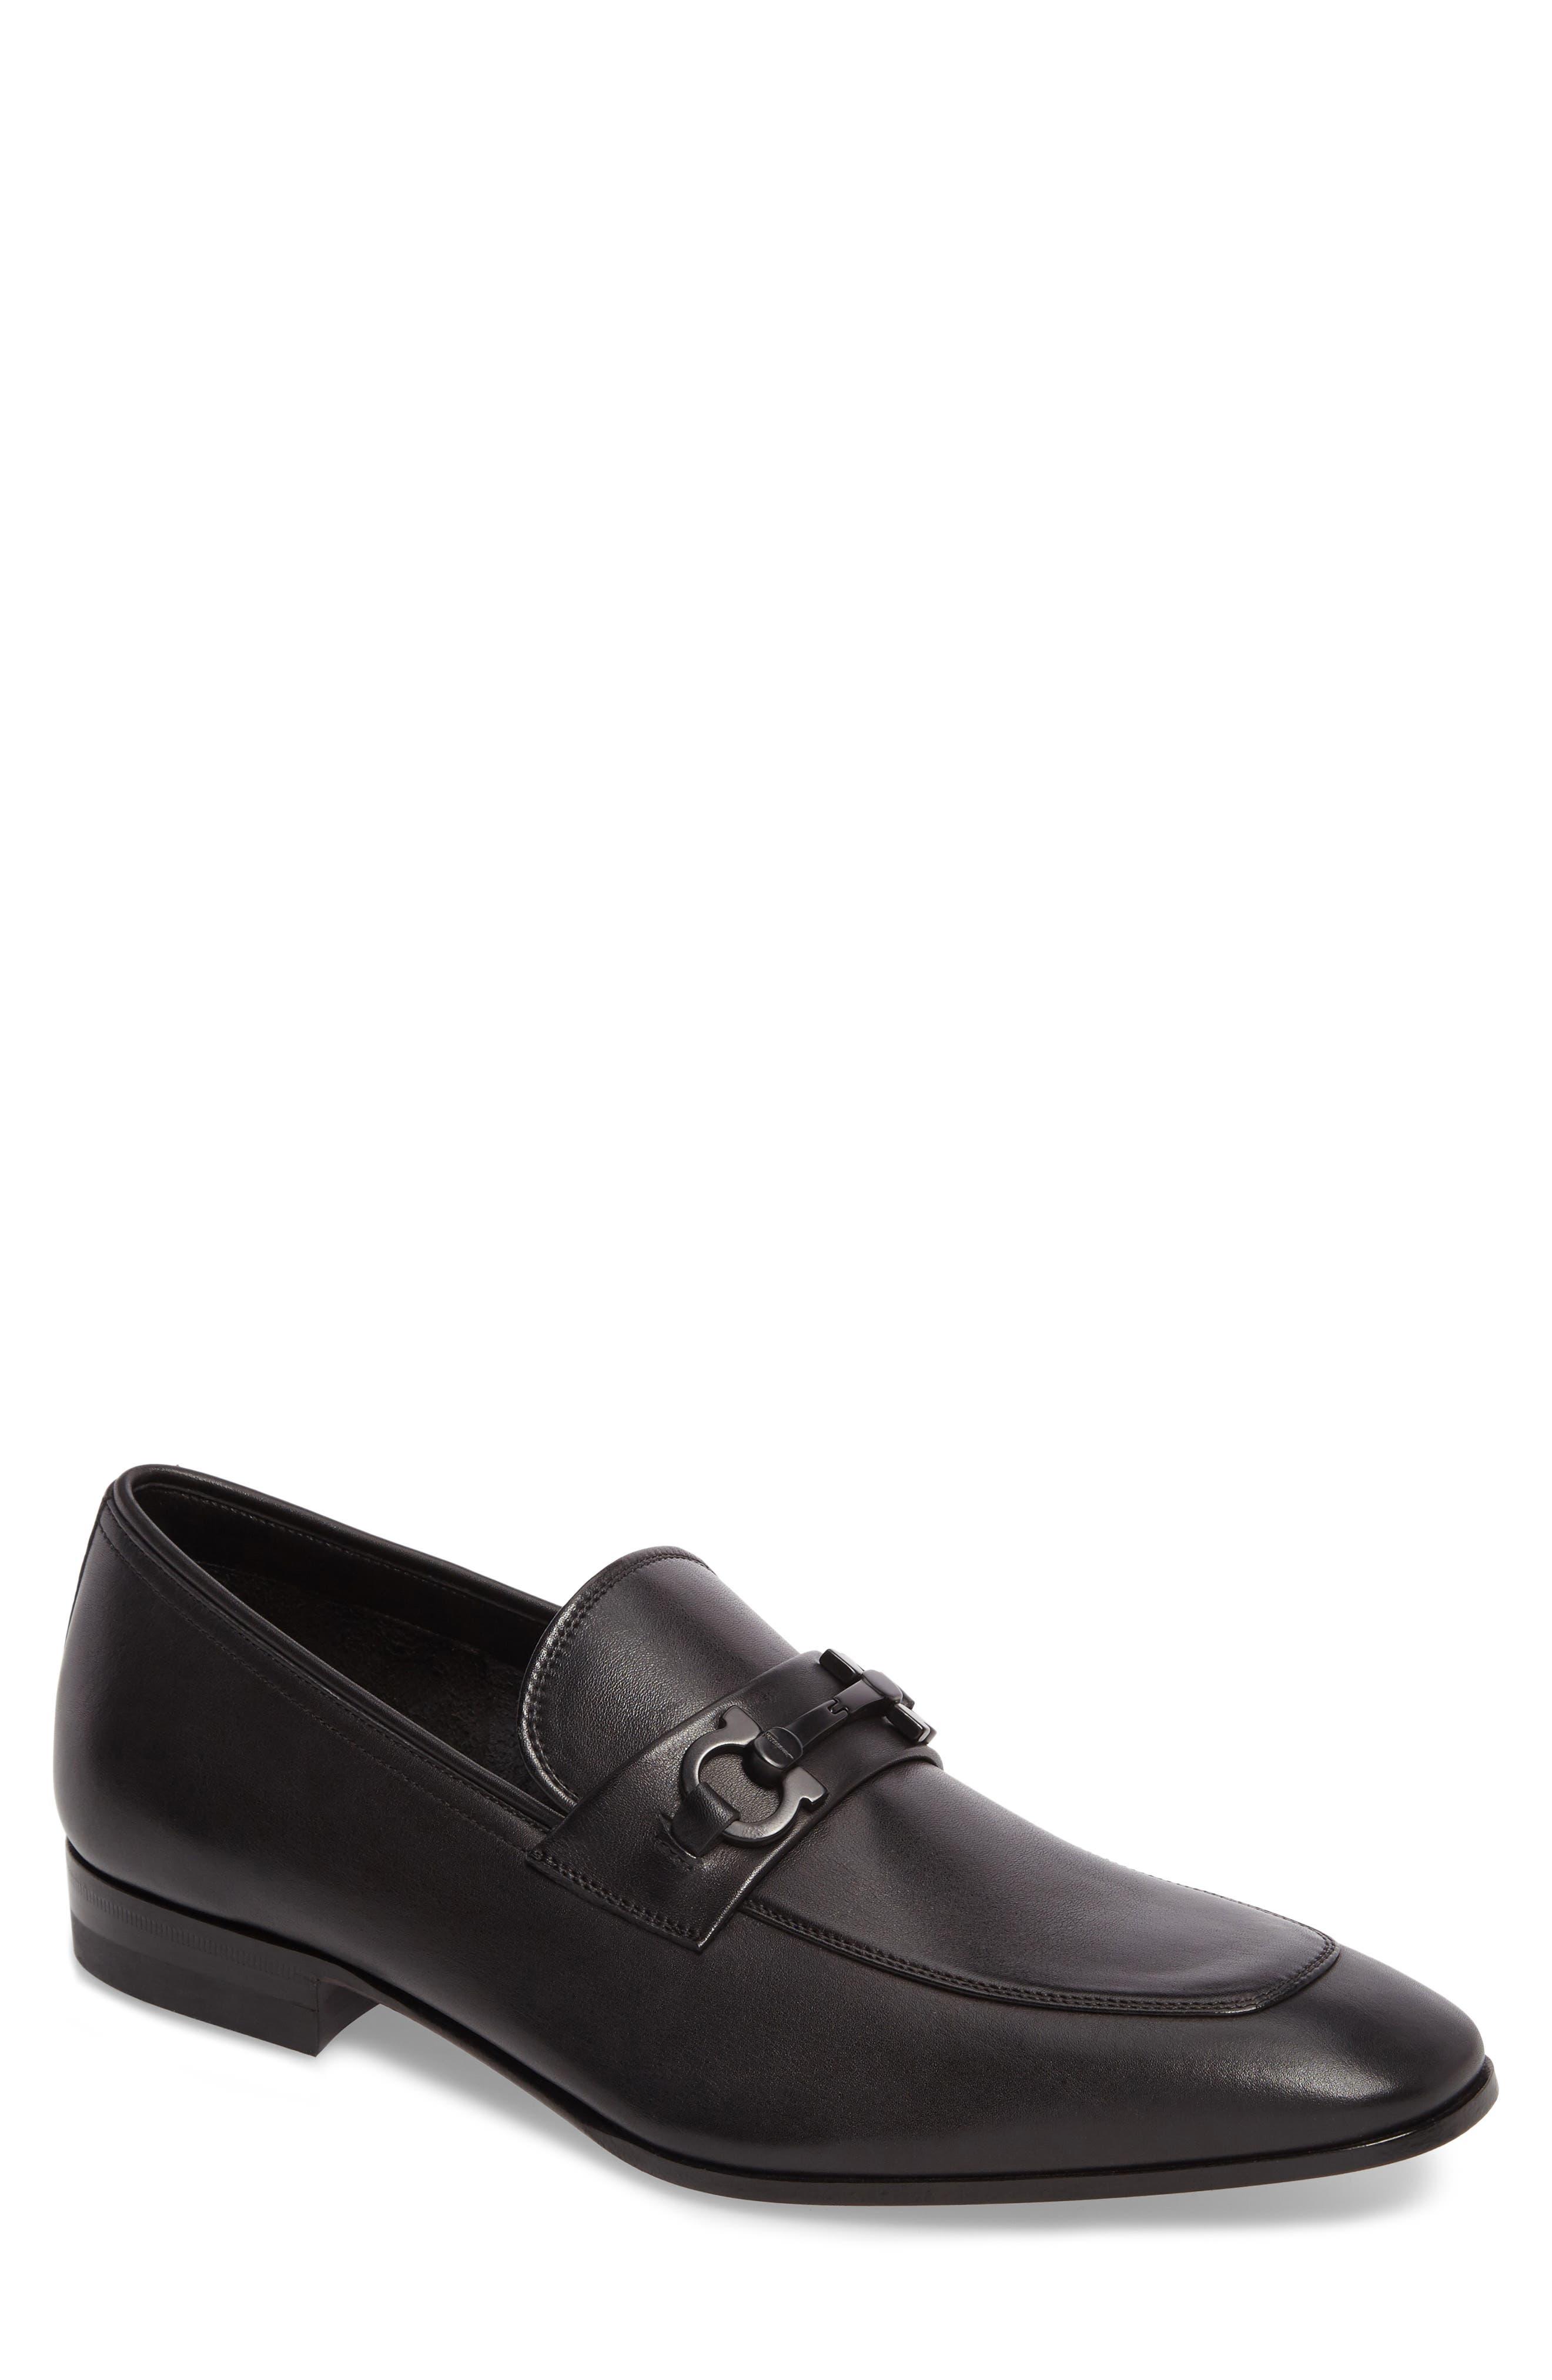 Cremona Bit Loafer,                         Main,                         color, 001